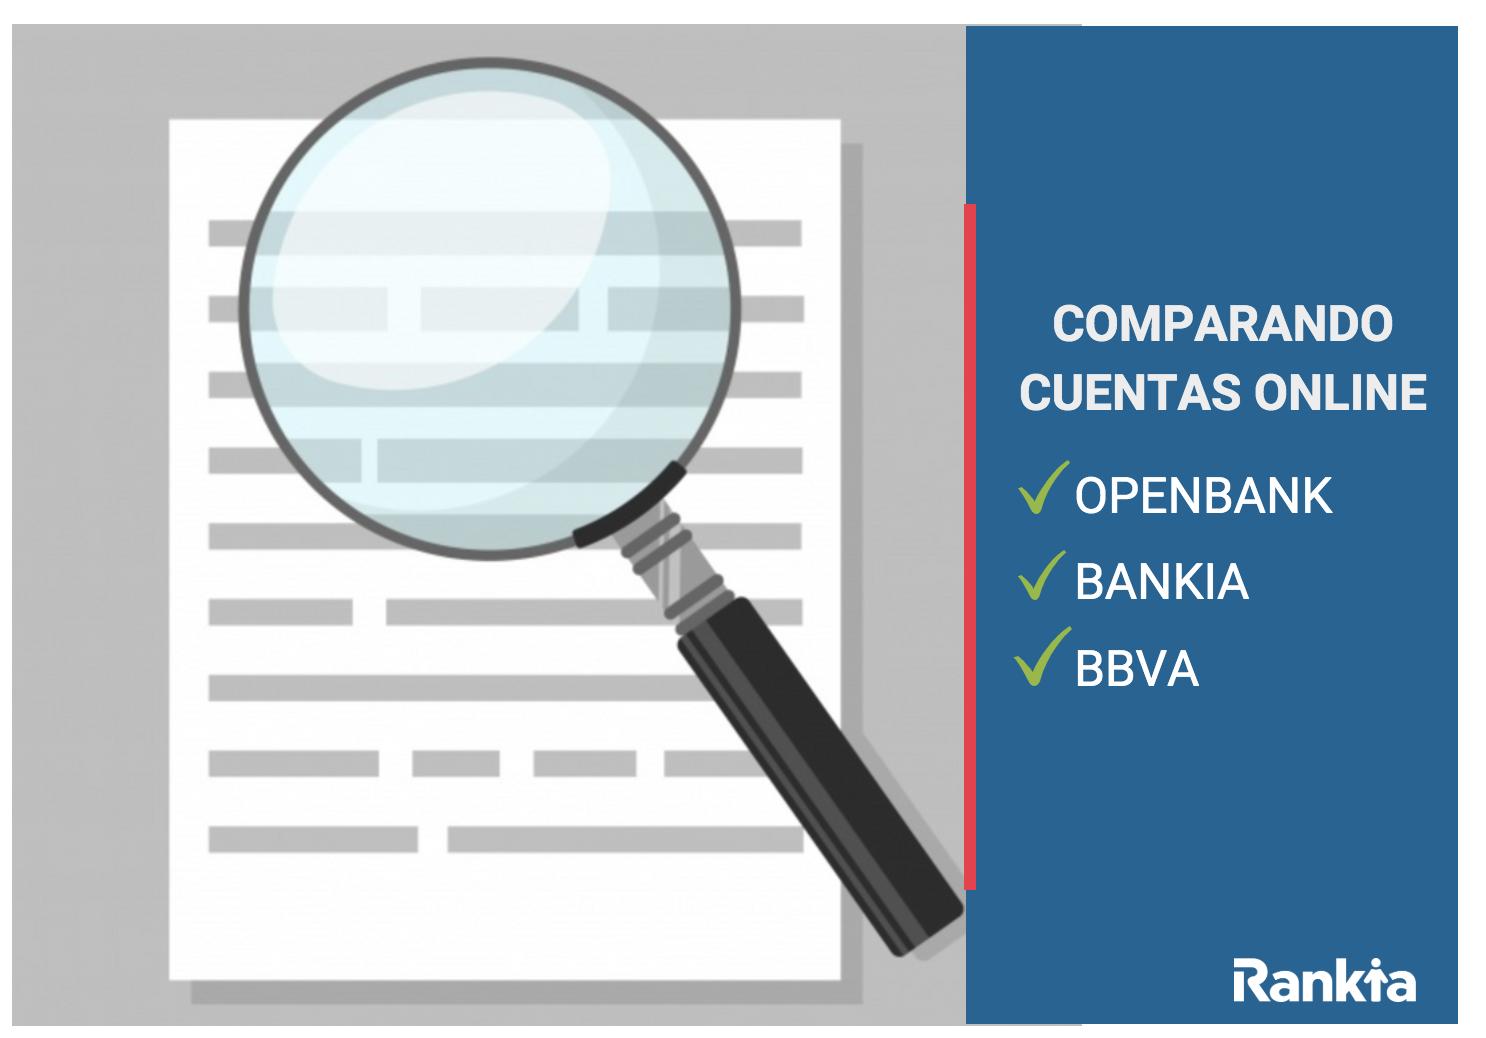 Comparando cuentas online sin comisiones: Openbank, bankia  y bbva